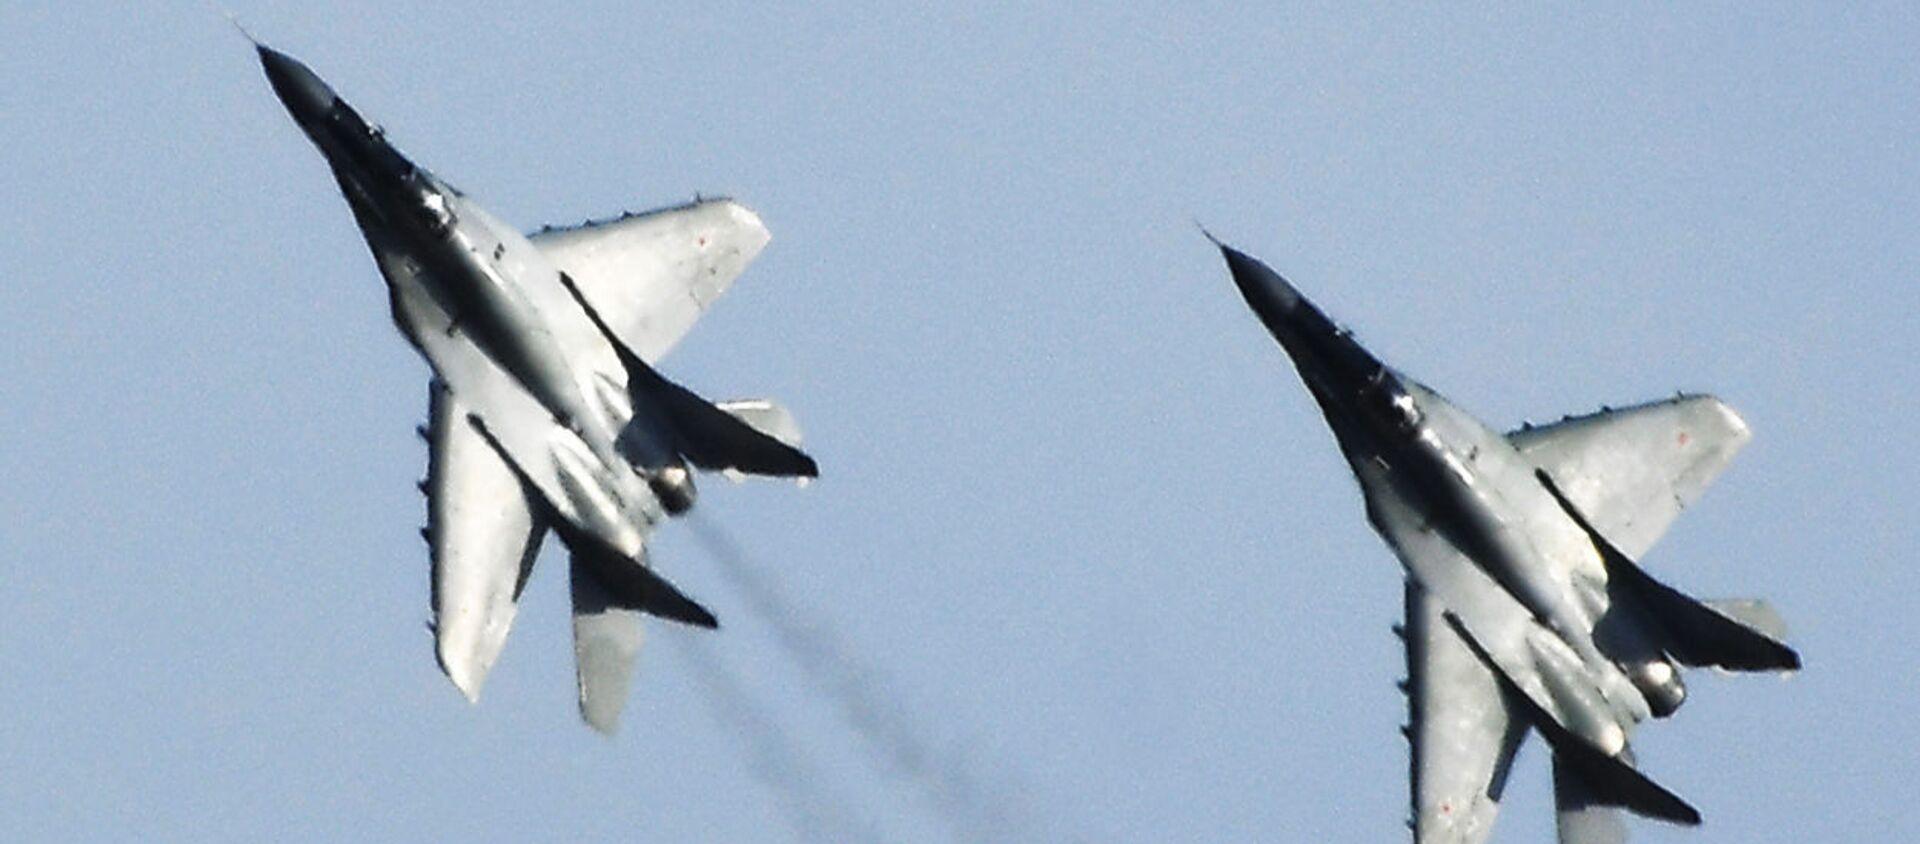 Los cazas rusos MiG-29 - Sputnik Mundo, 1920, 28.12.2020